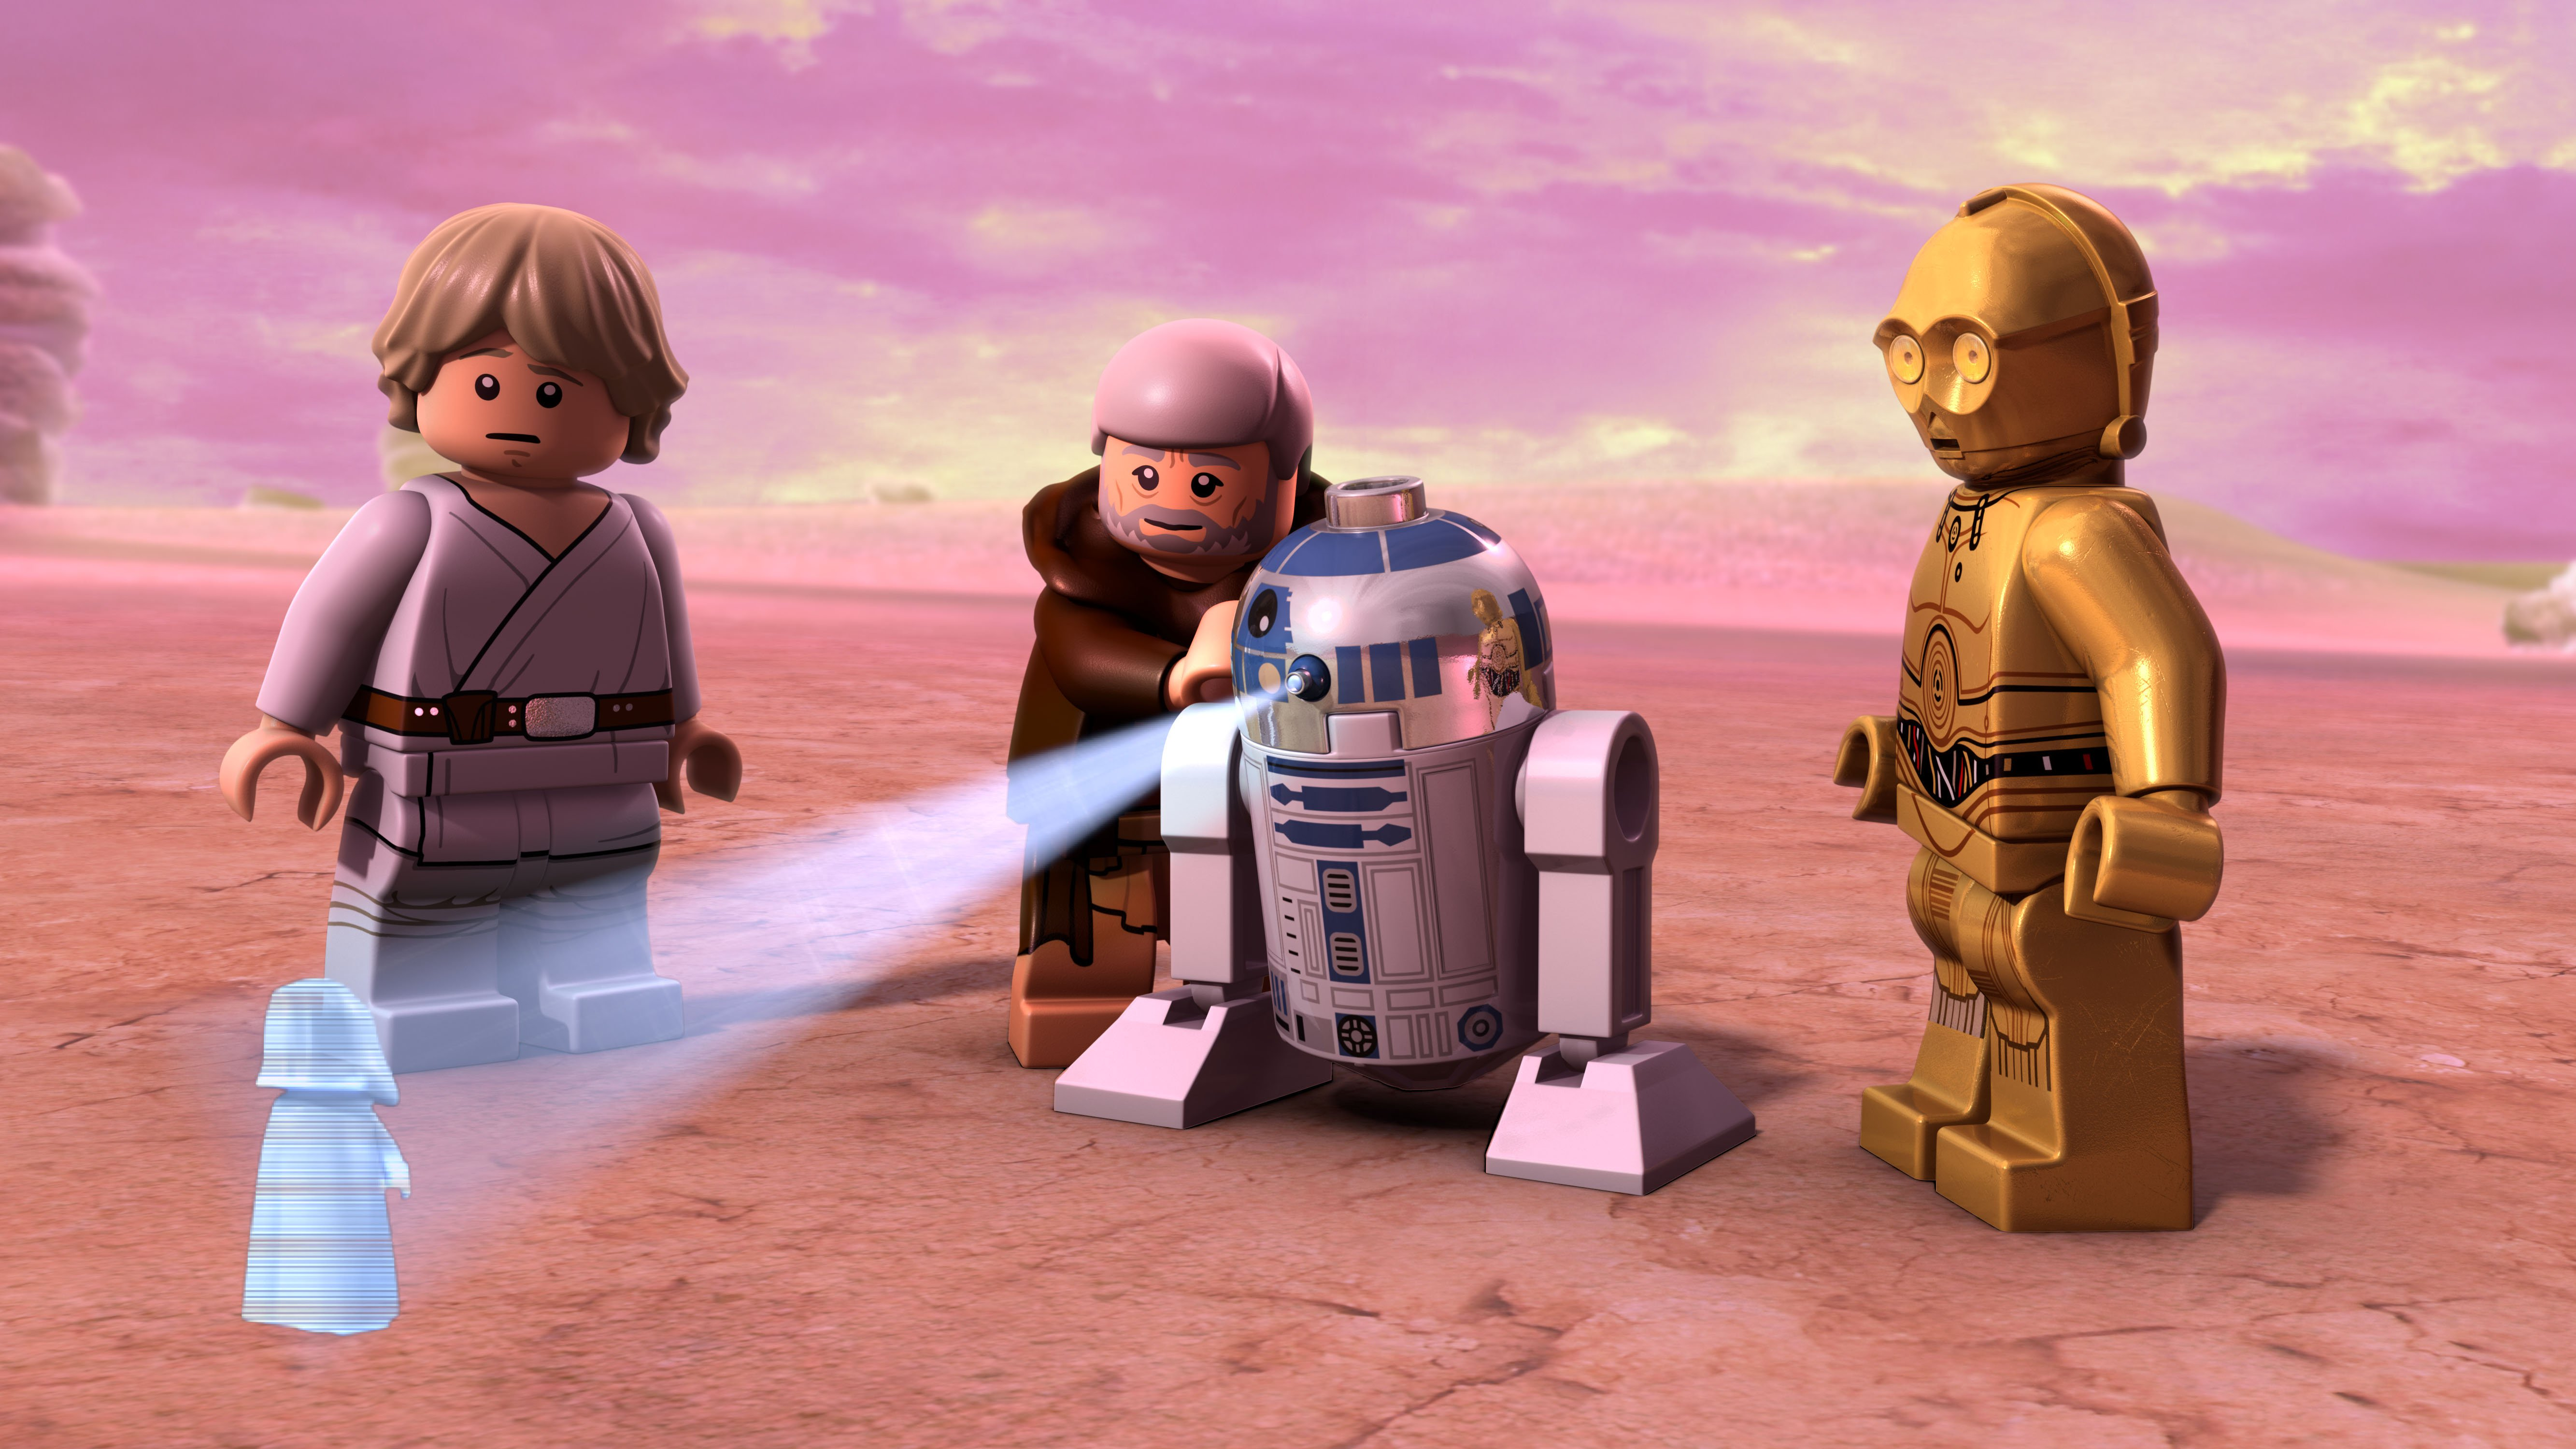 игры игрушка лего звездные войны game toy LEGO star war бесплатно